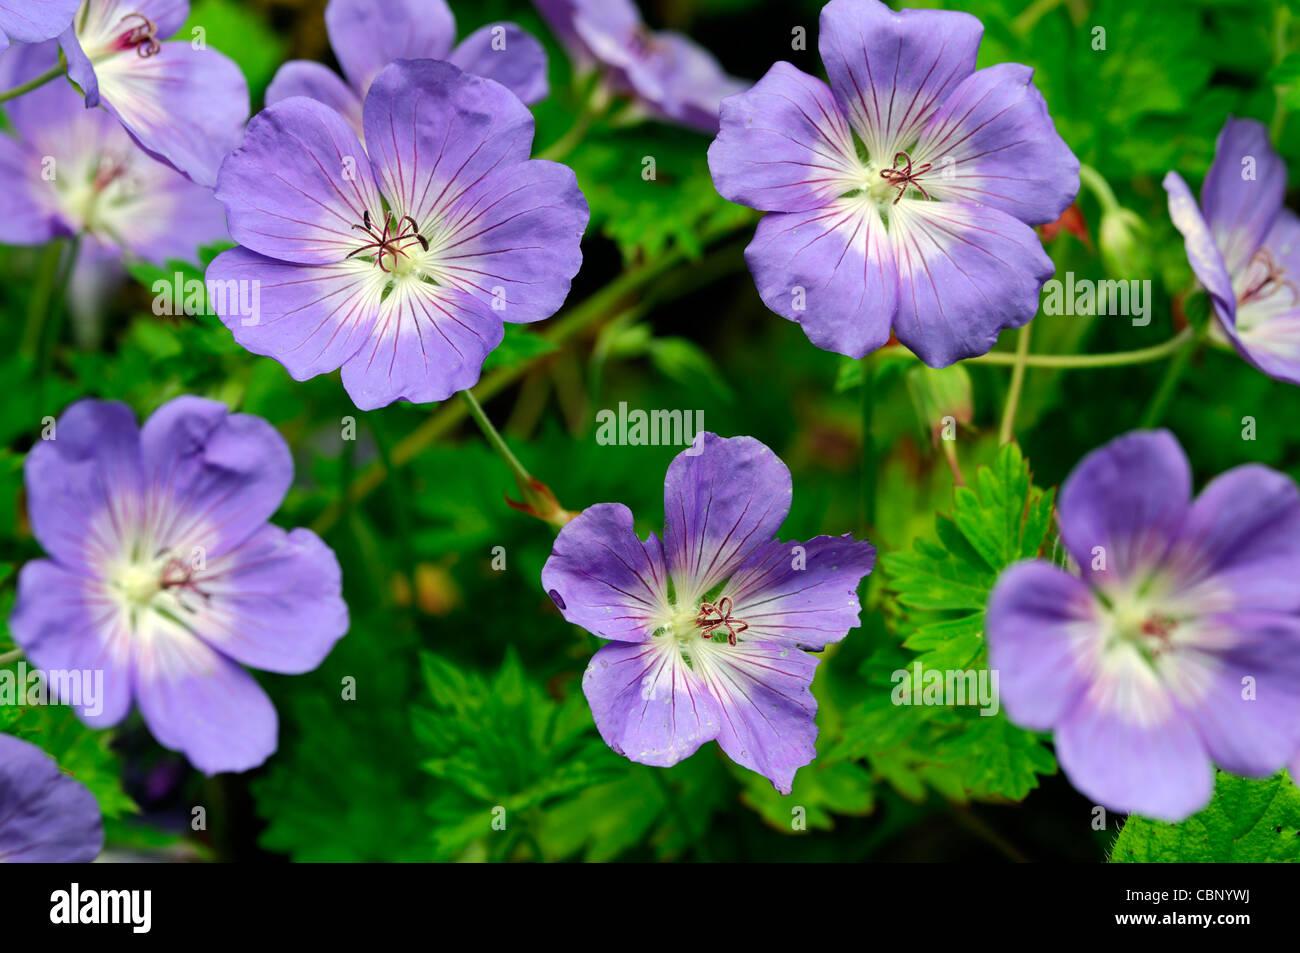 Geranium himalayense purple blue perennials flowers petals plant geranium himalayense purple blue perennials flowers petals plant portraits cranesbills summer closeup selective focus izmirmasajfo